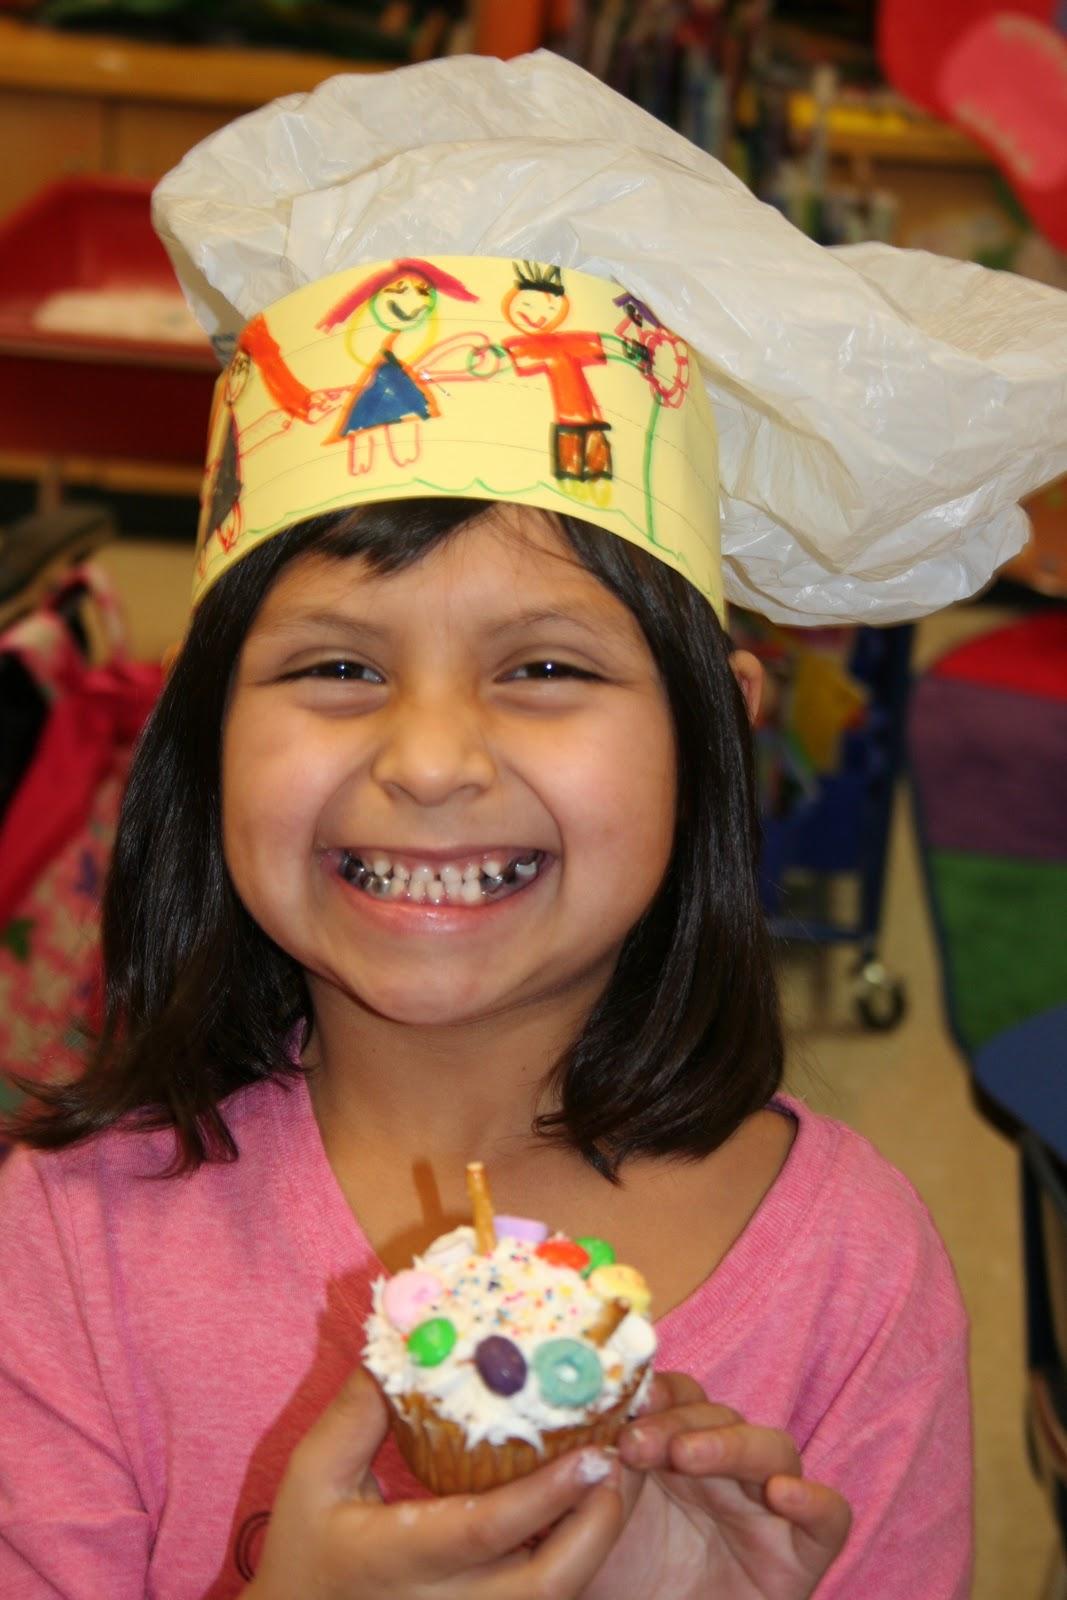 Kinder Garden: Mrs. Lee's Kindergarten: Community Helpers And Career Day